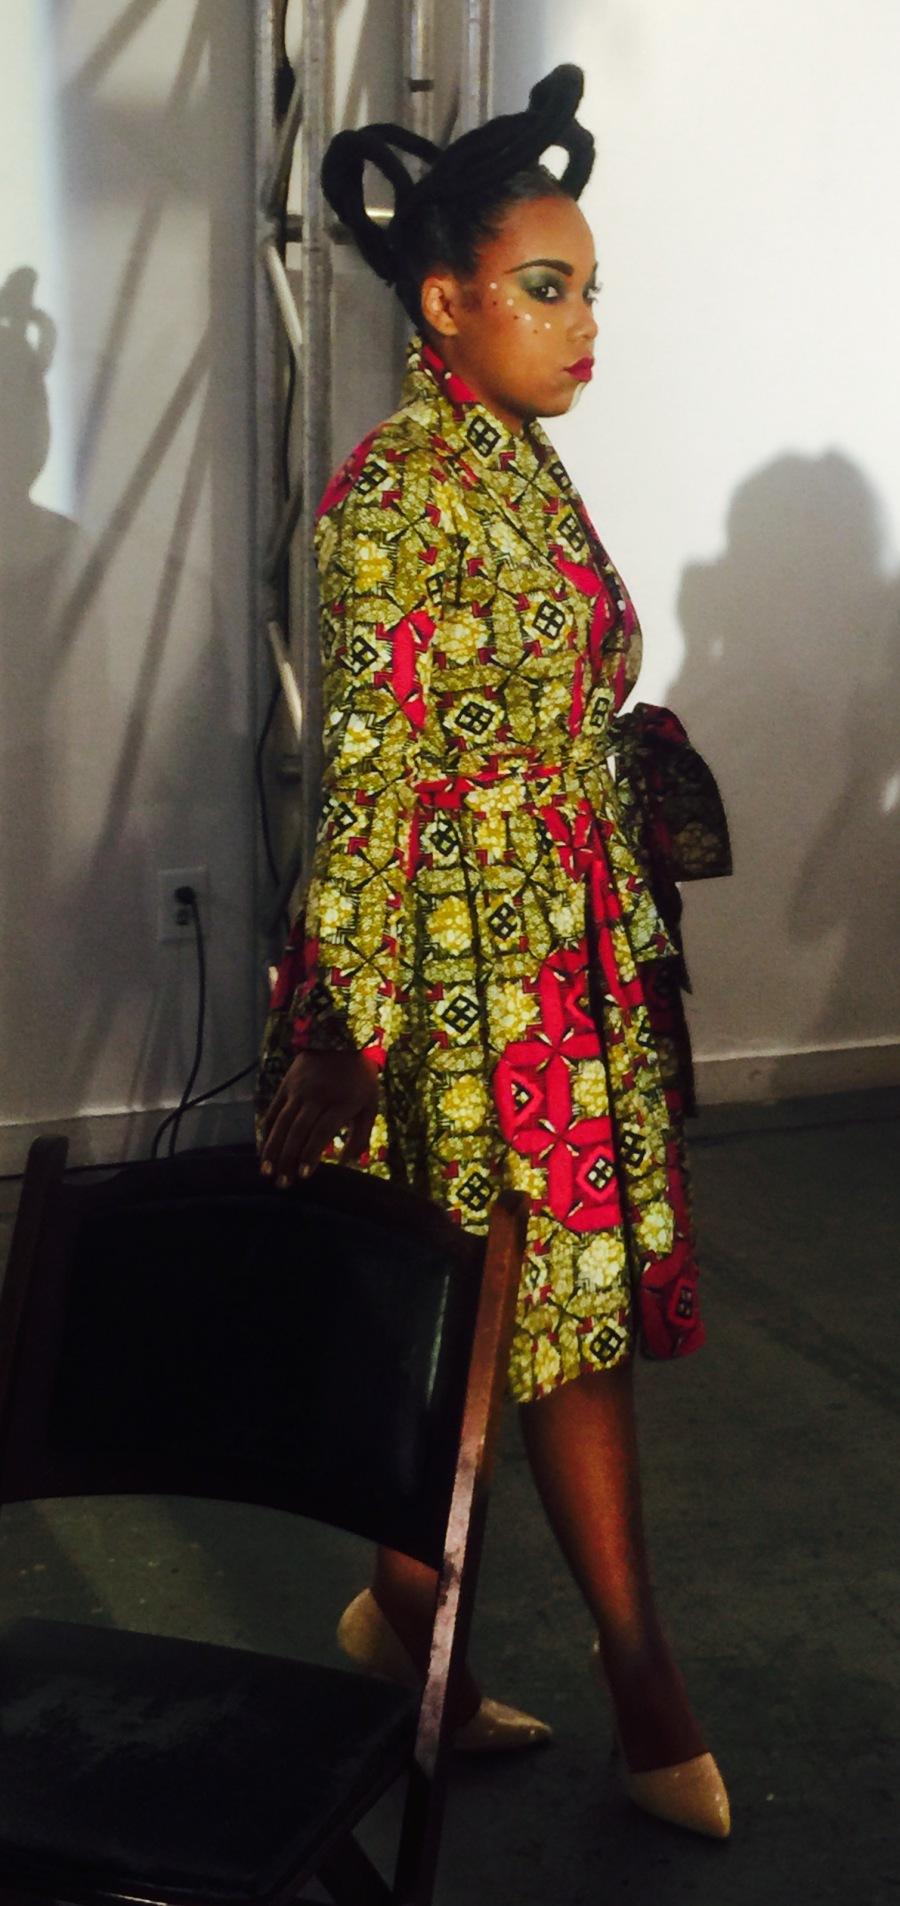 model at Irun Kiko: The Art Of Hair